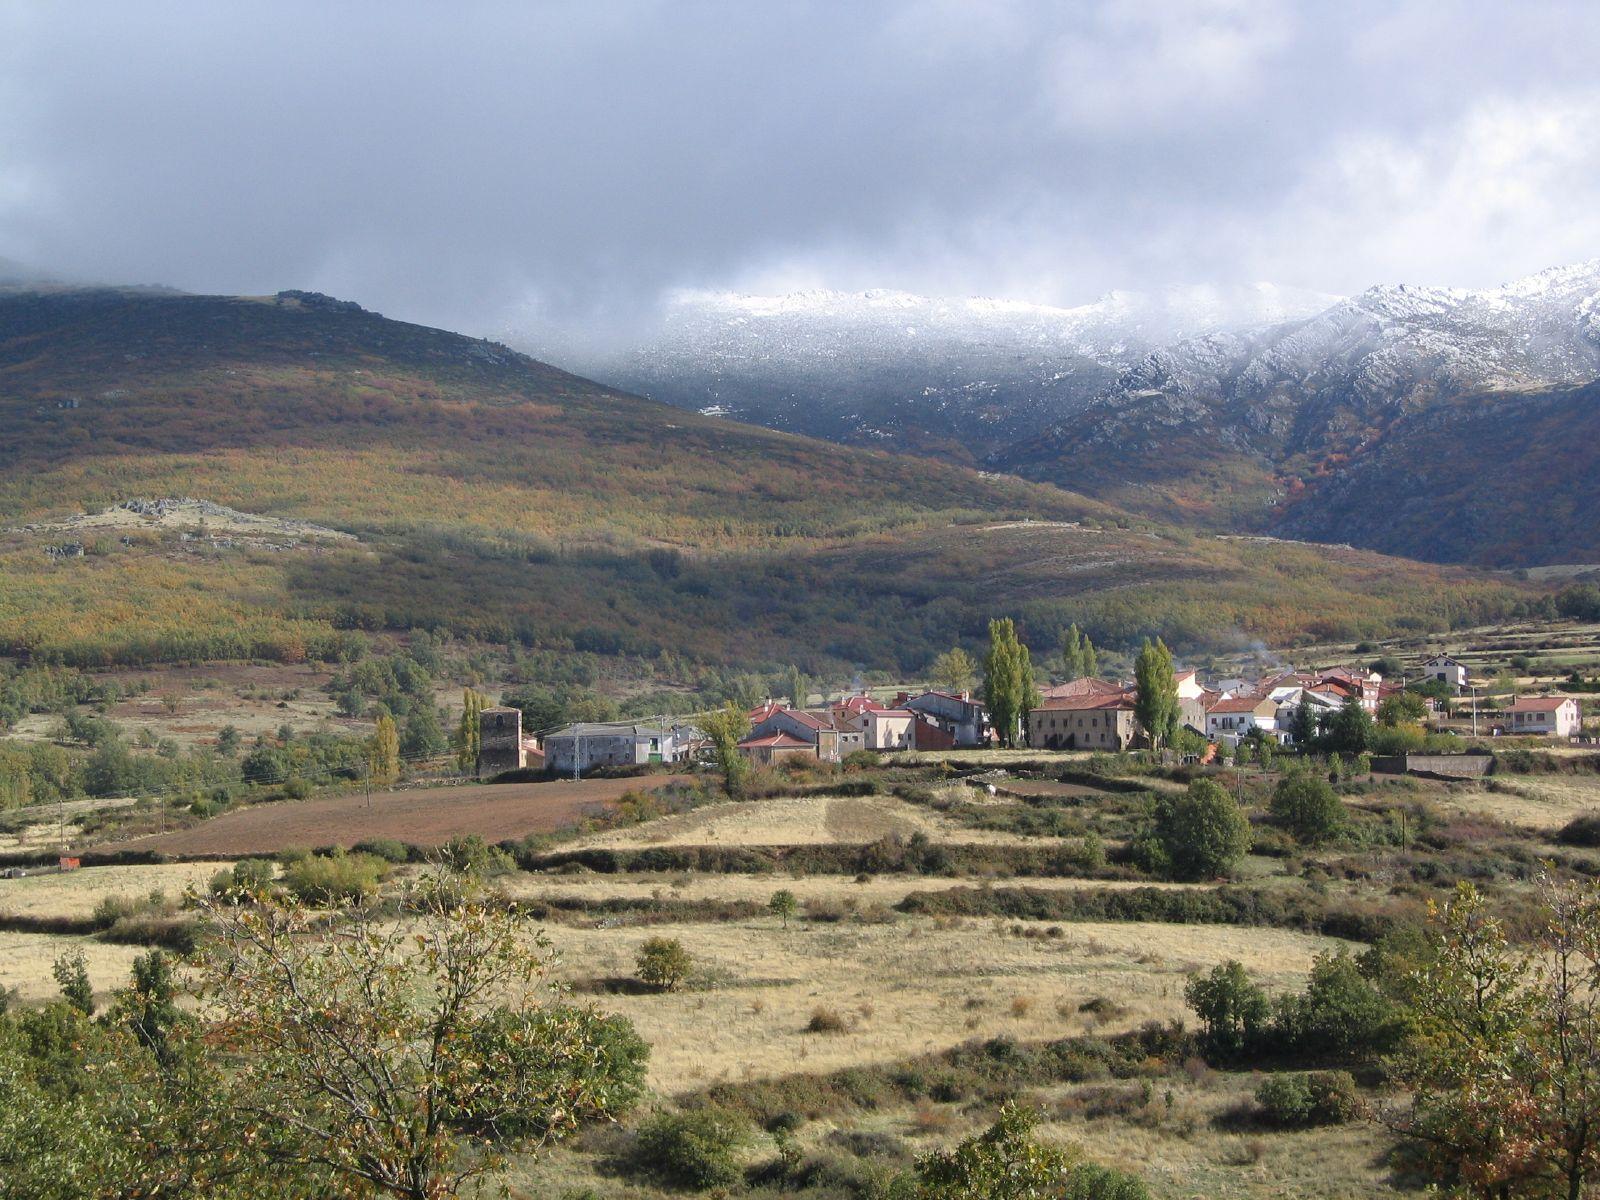 Predicción por municipios. Riofrío de Riaza (Segovia)